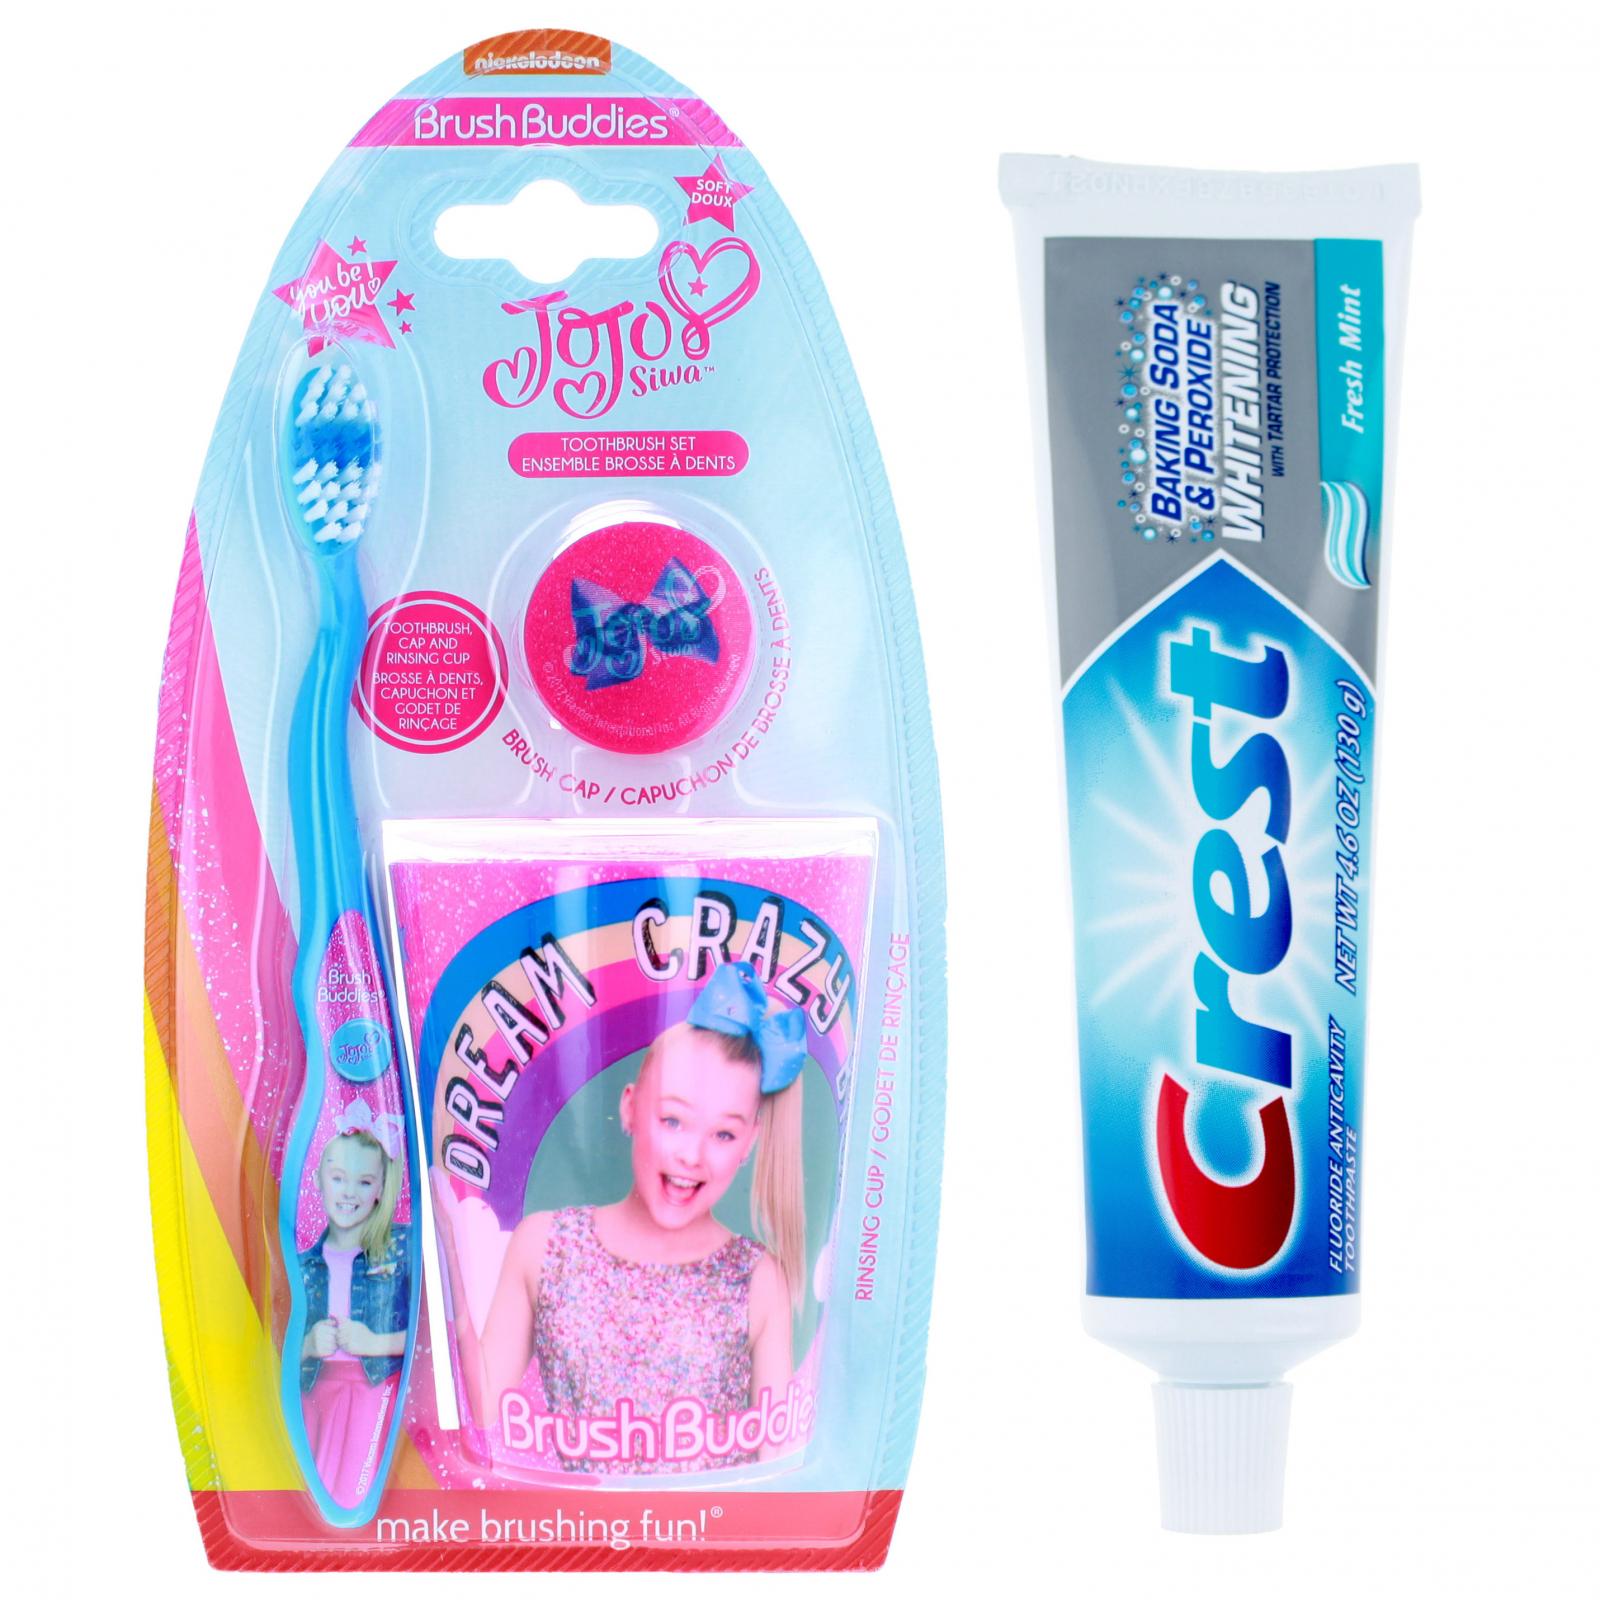 JoJo Siwa Girls Toiletries Gift Set with Toothpaste